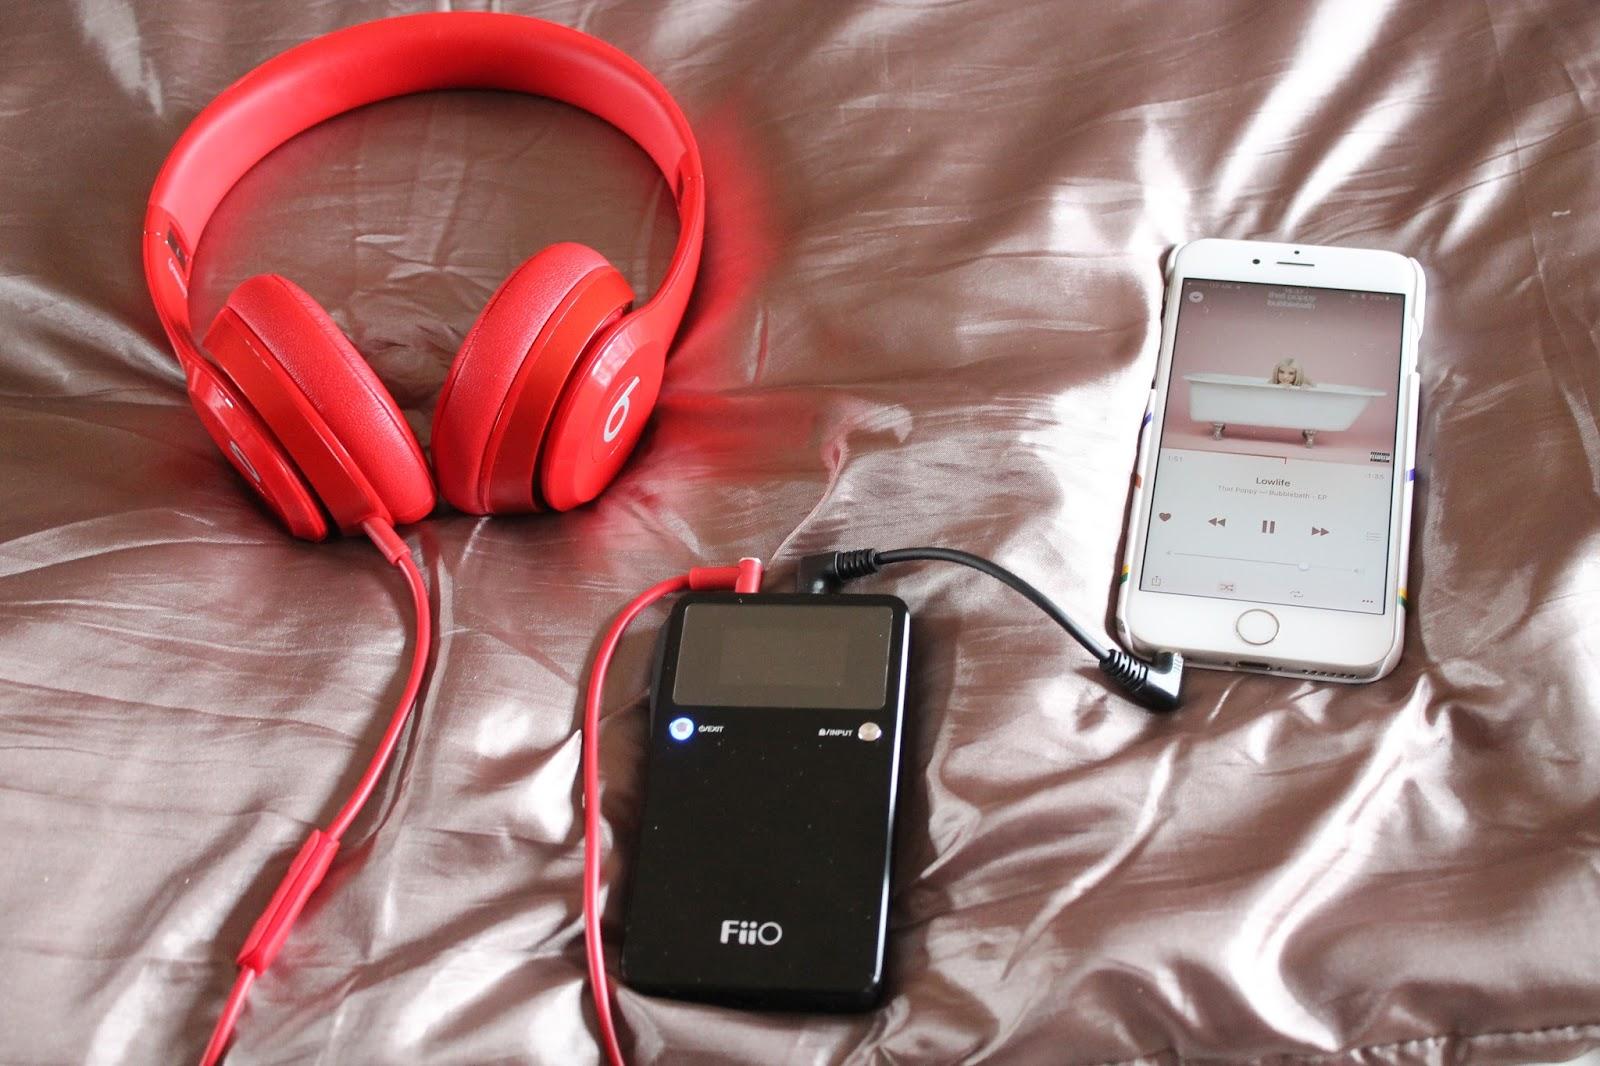 FiiO Alpen 2 E17K Portable Amp Review